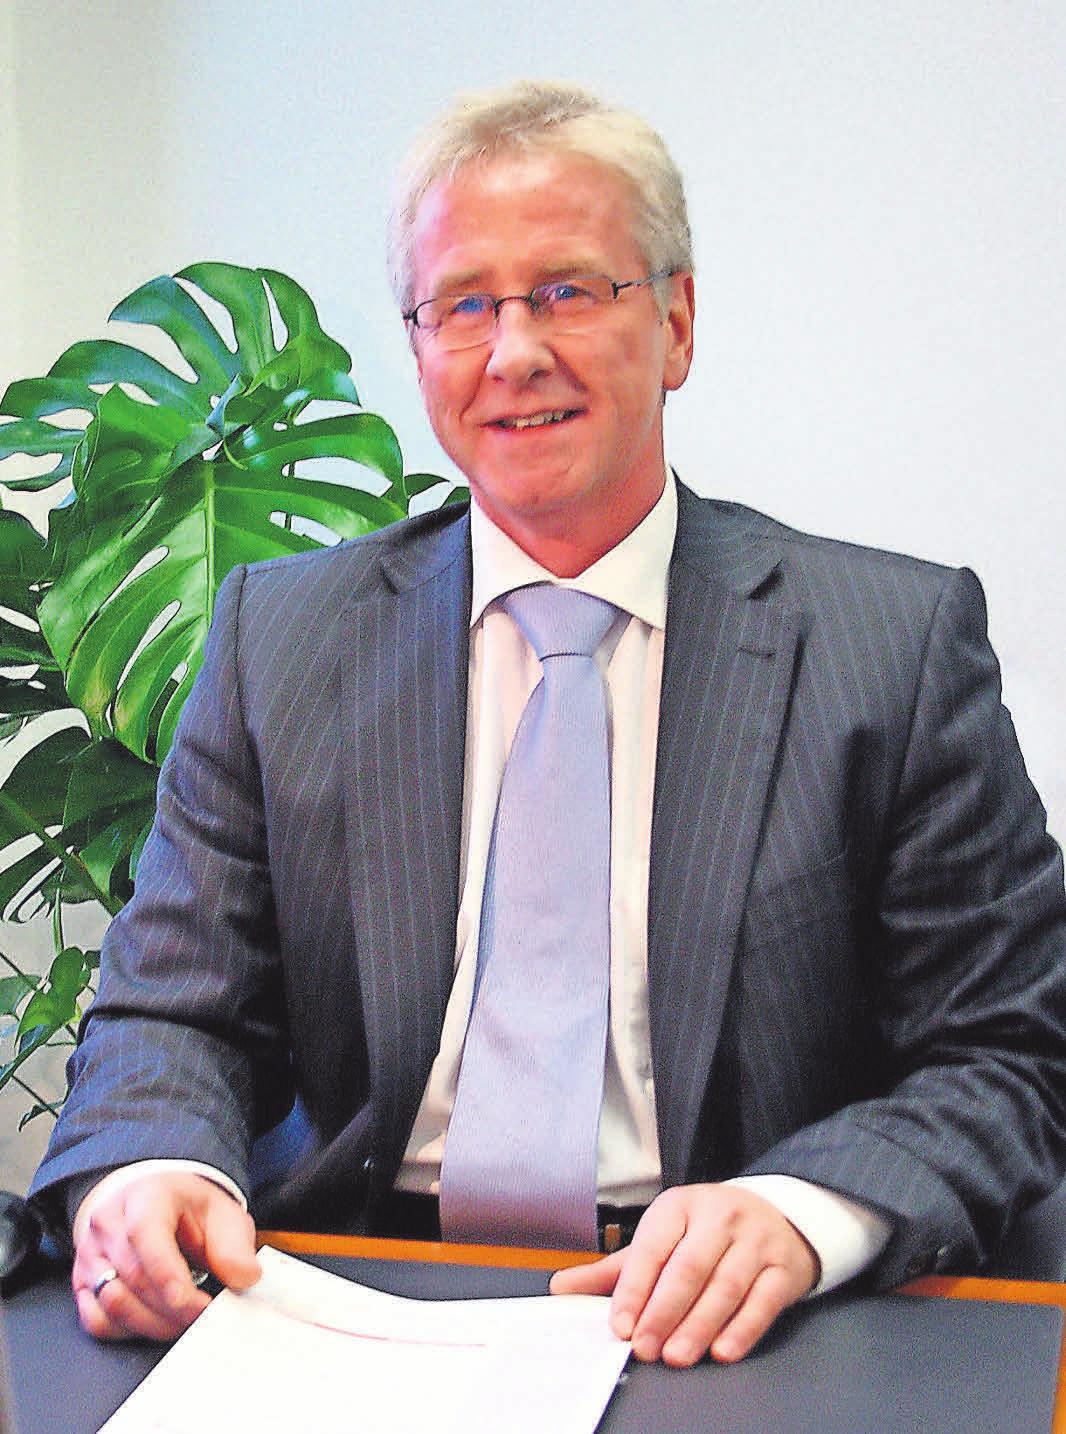 Carsten Förster, Steuerberater